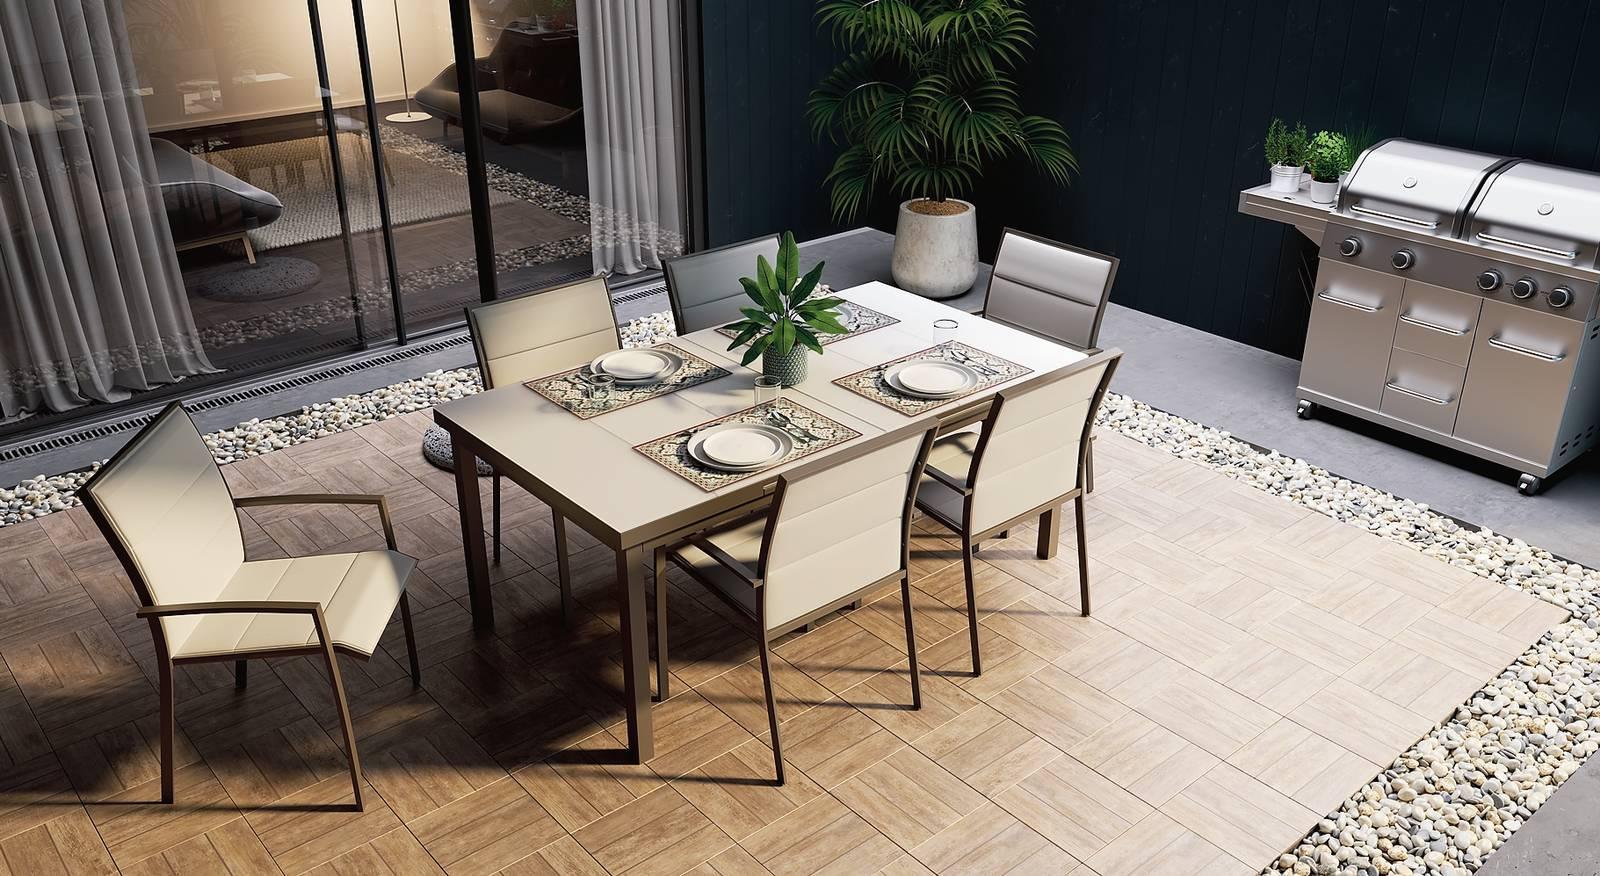 Tavoli Da Giardino Risparmio Casa : Da leroy merlin tavoli e sedie per esterni per arredare balconi e